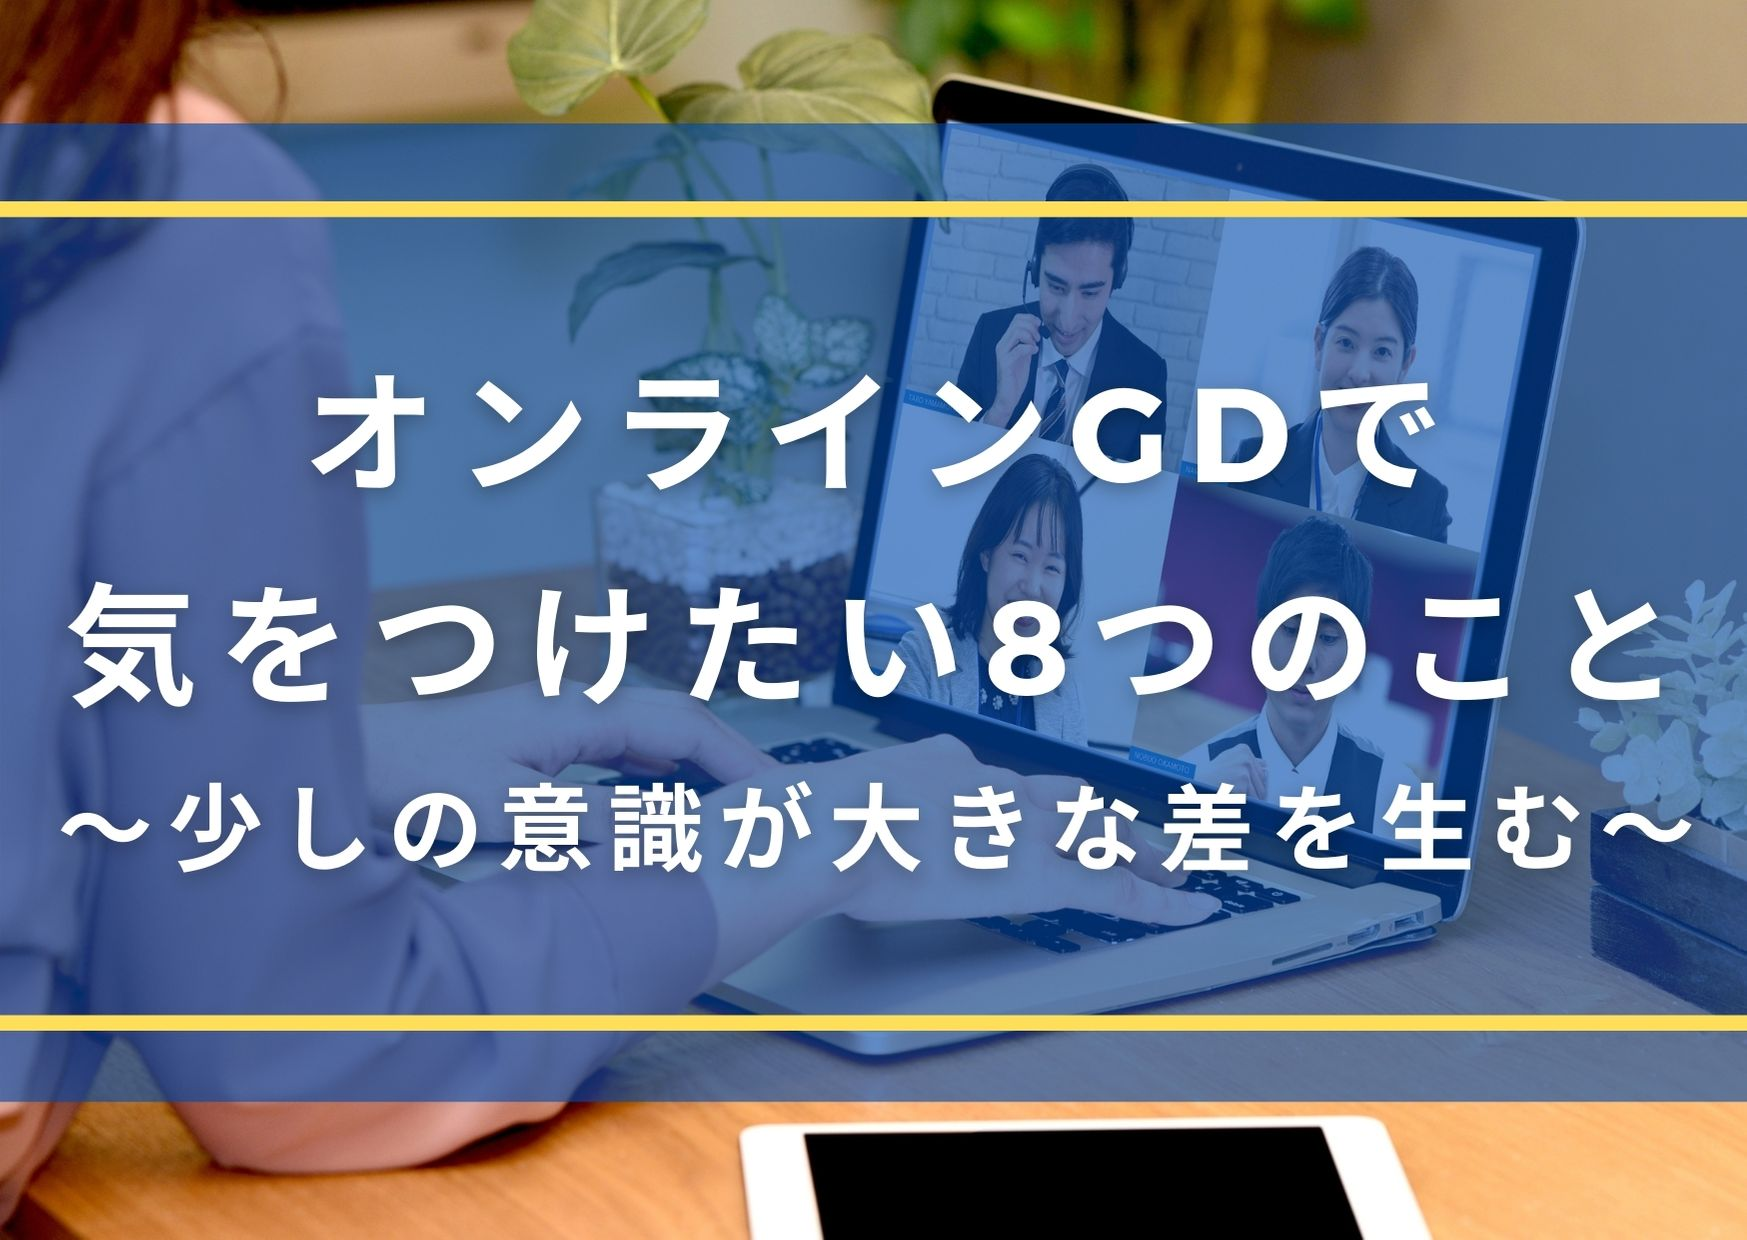 オンラインのGD(グループディスカッション)だからこそ気をつけたい8つのこと